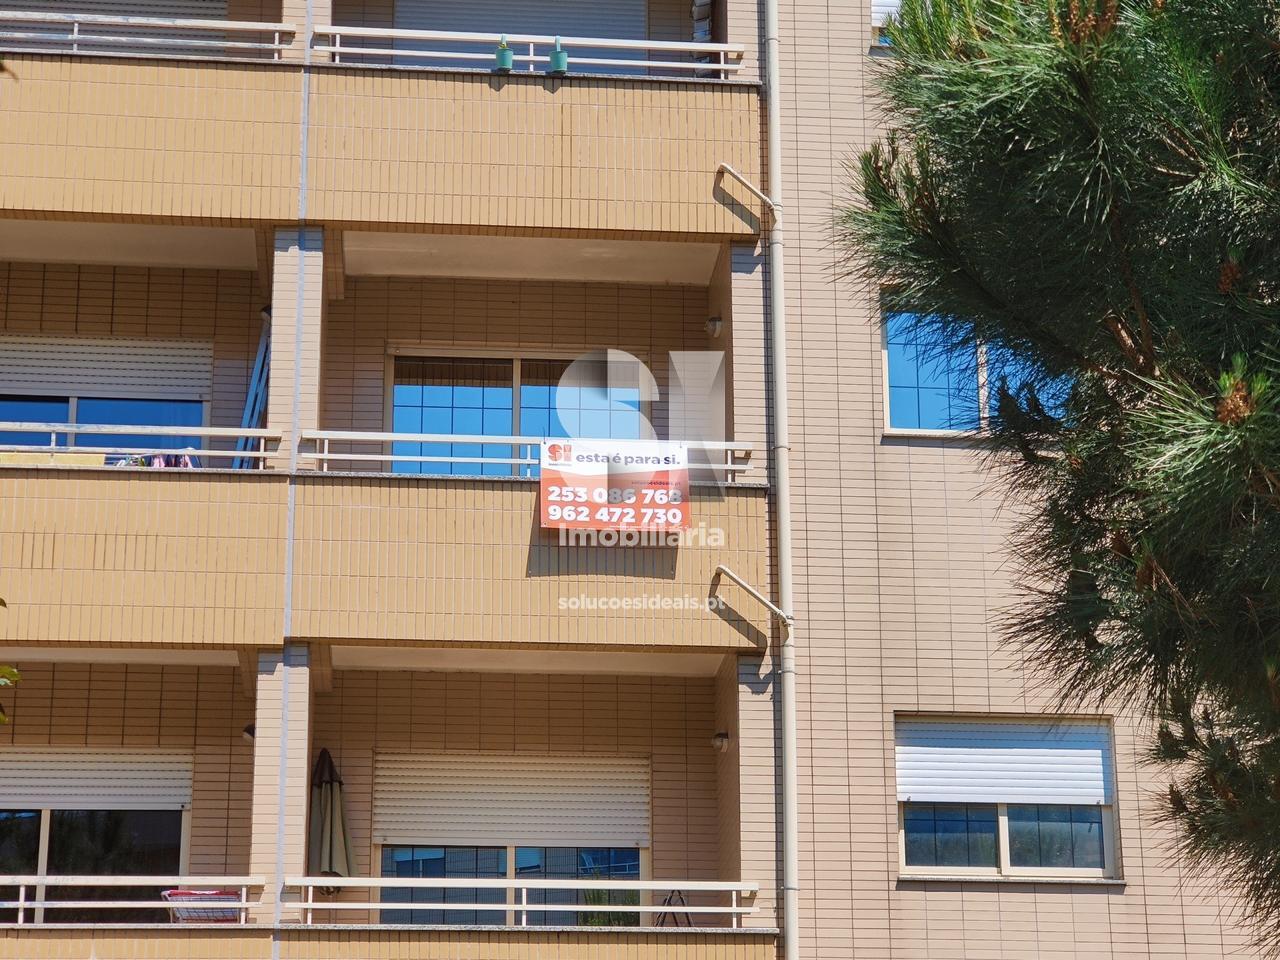 apartamento t3 para compra em braga uniao das freguesias de real dume e semelhe BRGFS64